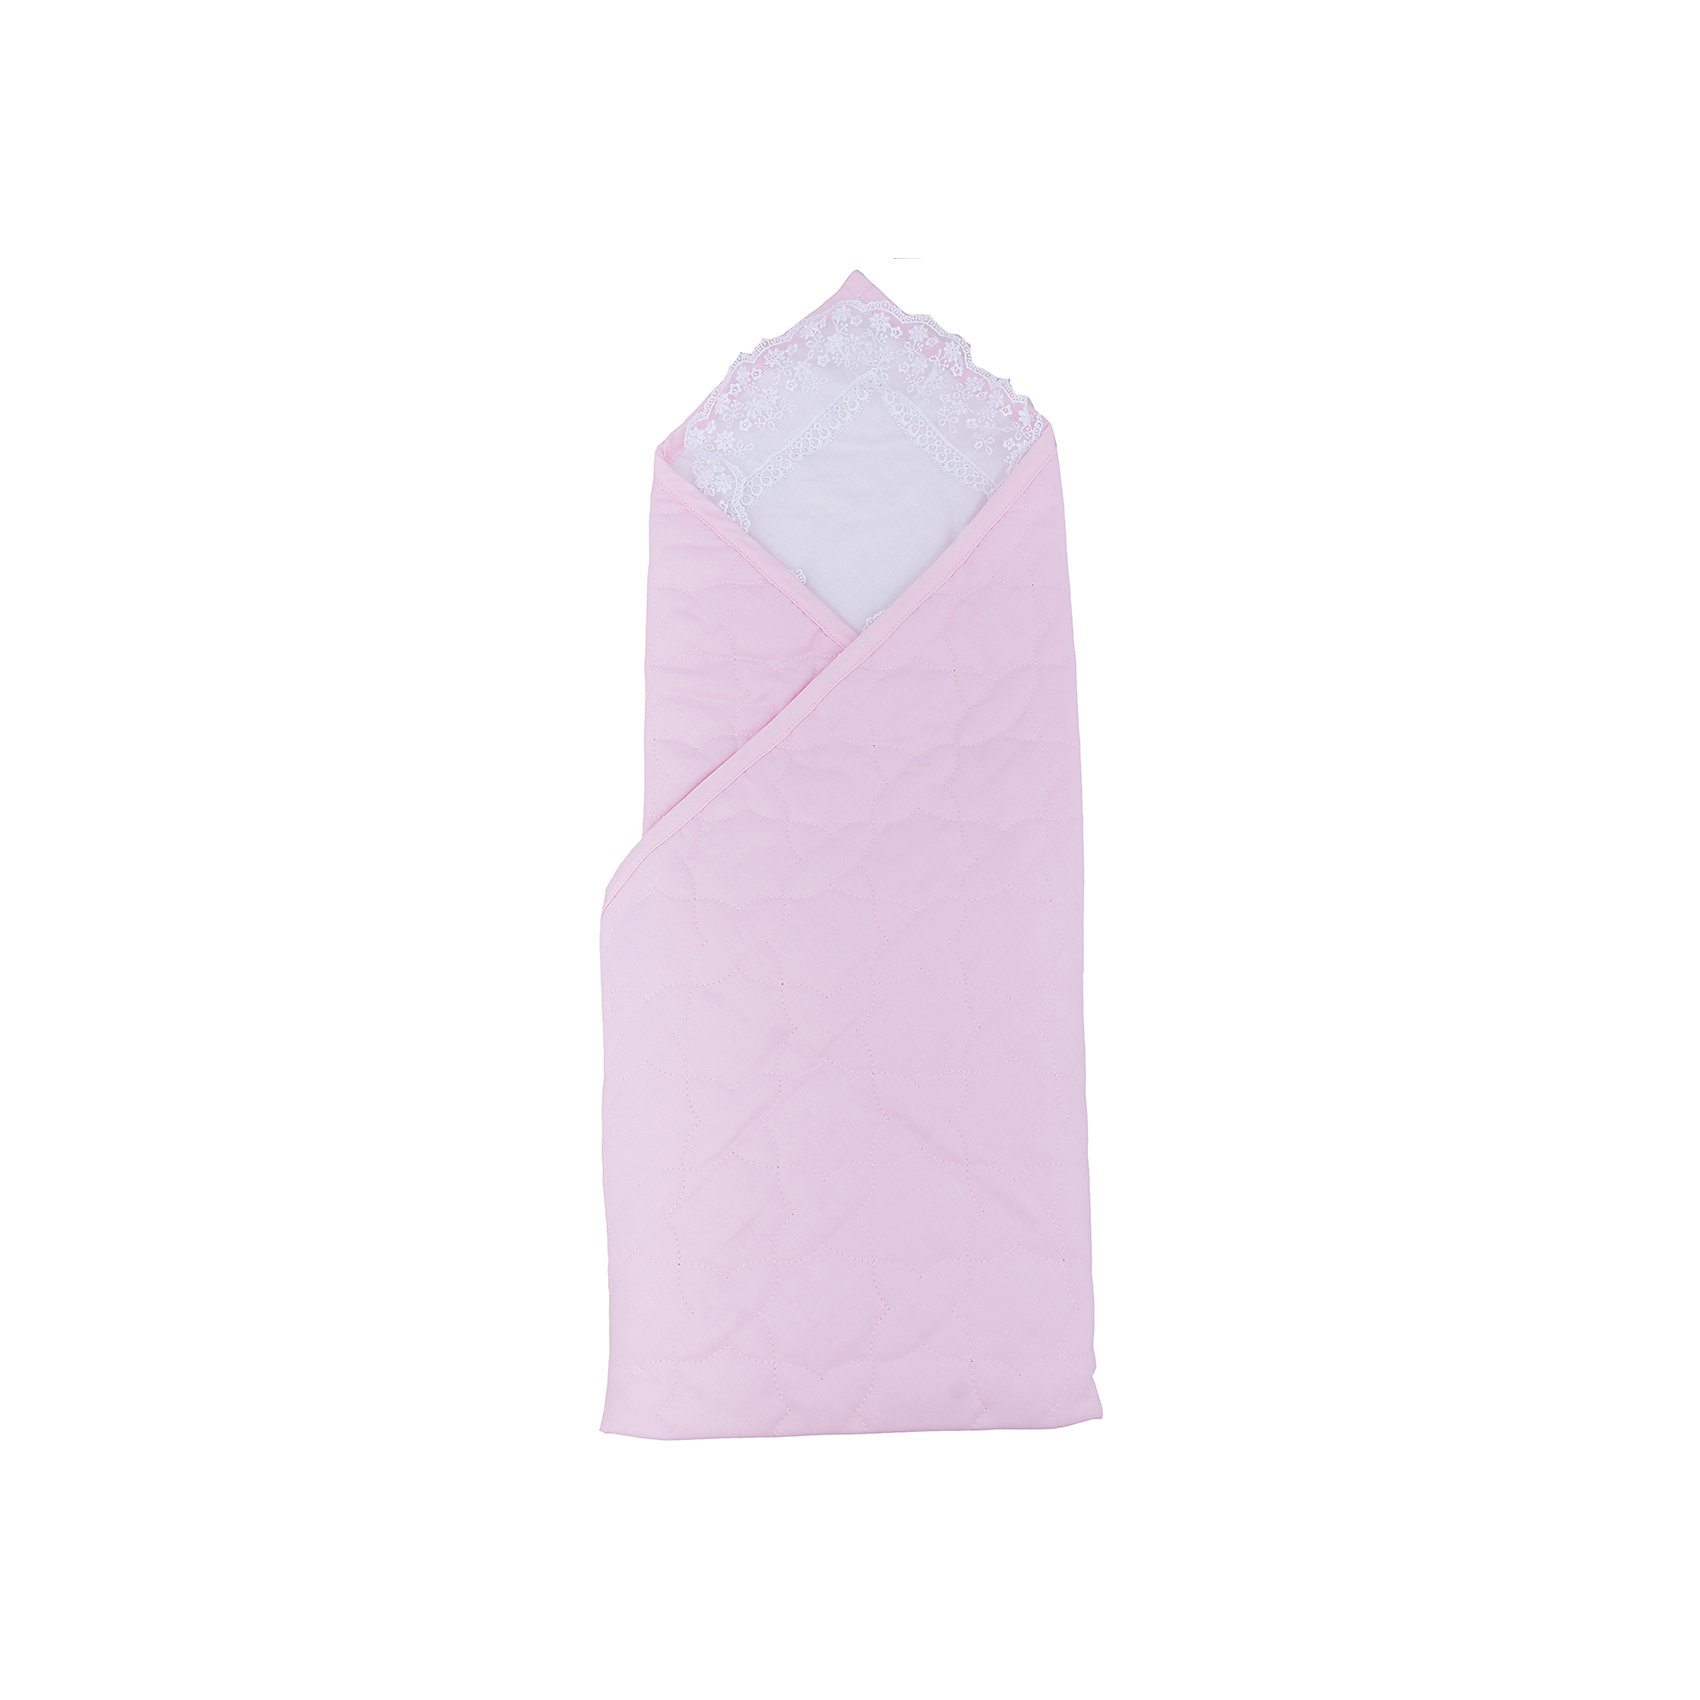 Сонный гномик Конверт-одеяло на выписку Ласточка Сонный гномик, розовый сонный гномик конверт зимний норд серый